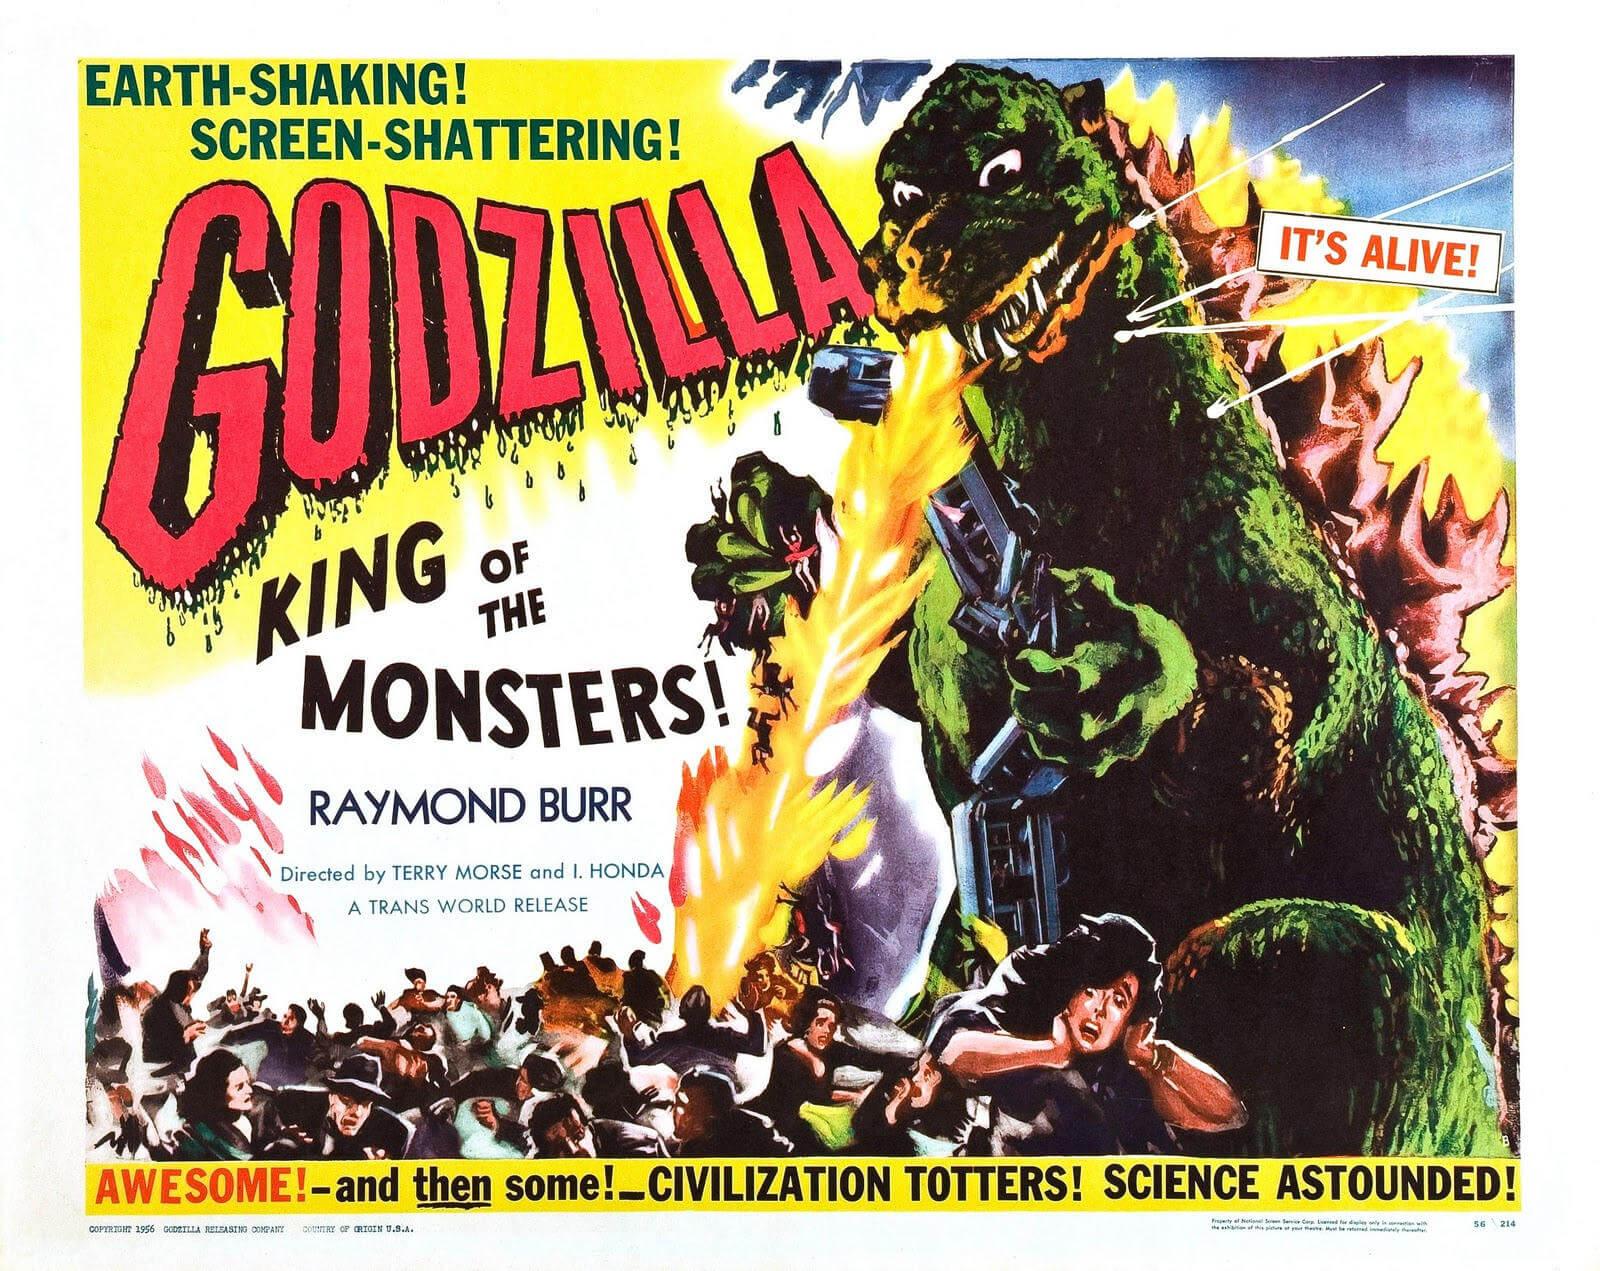 Godzilla: Los posters más bizarros del monstruo japonés